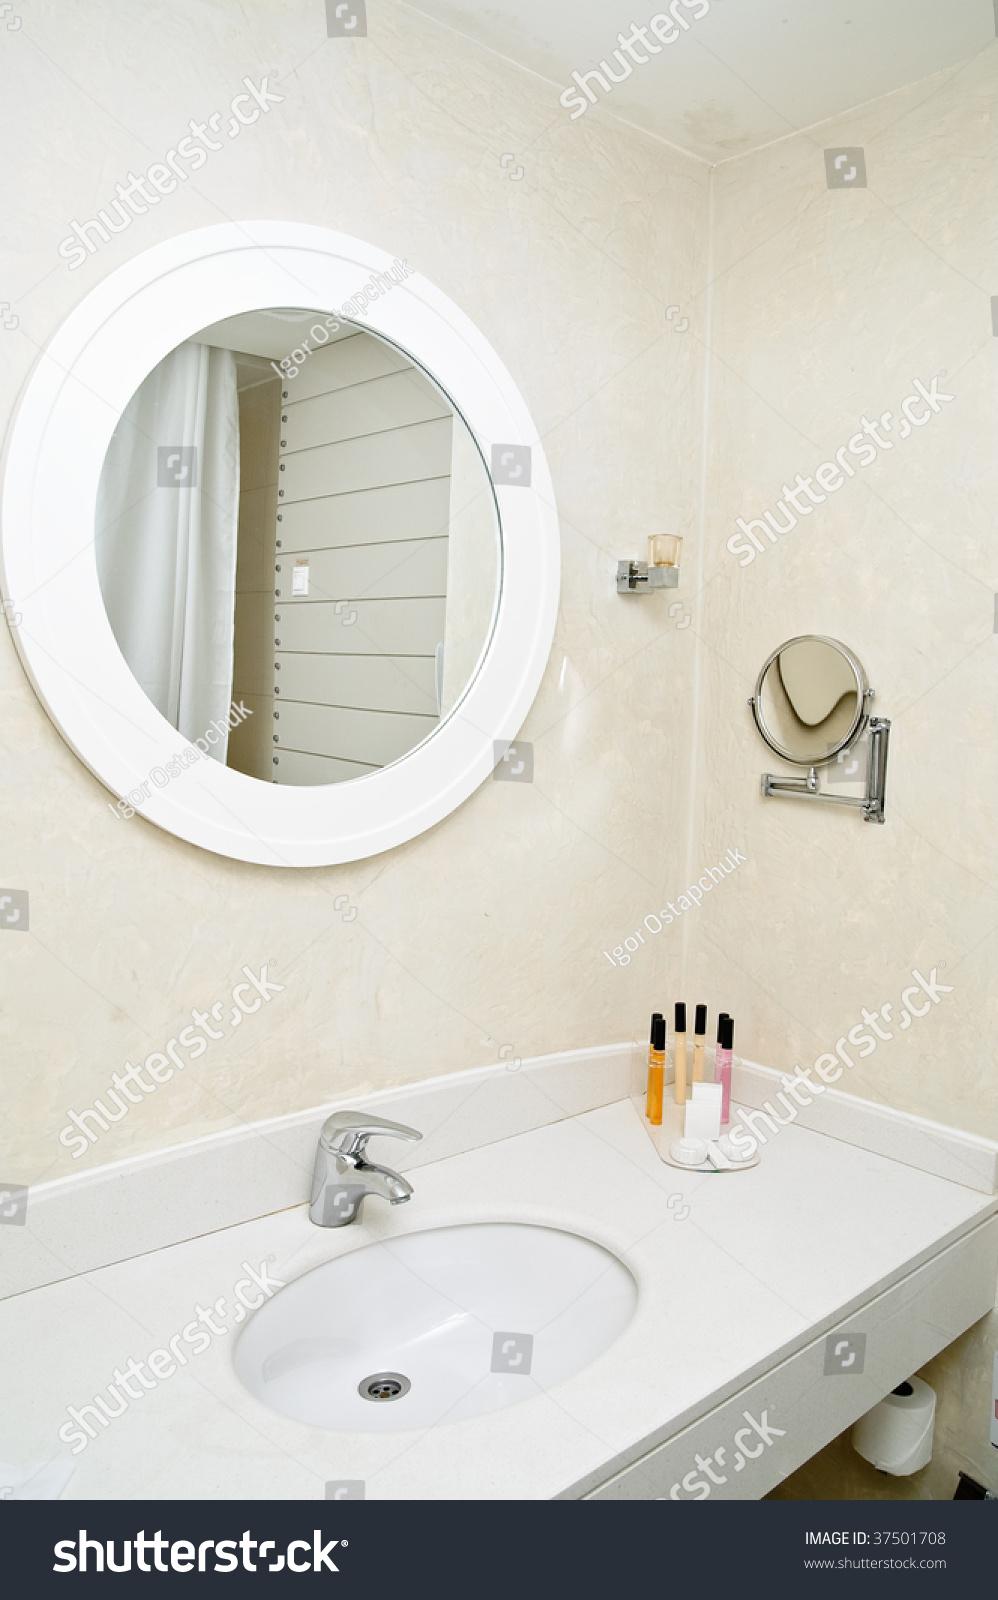 Mirror on wall bathroom stock photo 37501708 shutterstock mirror on a wall of bathroom amipublicfo Gallery